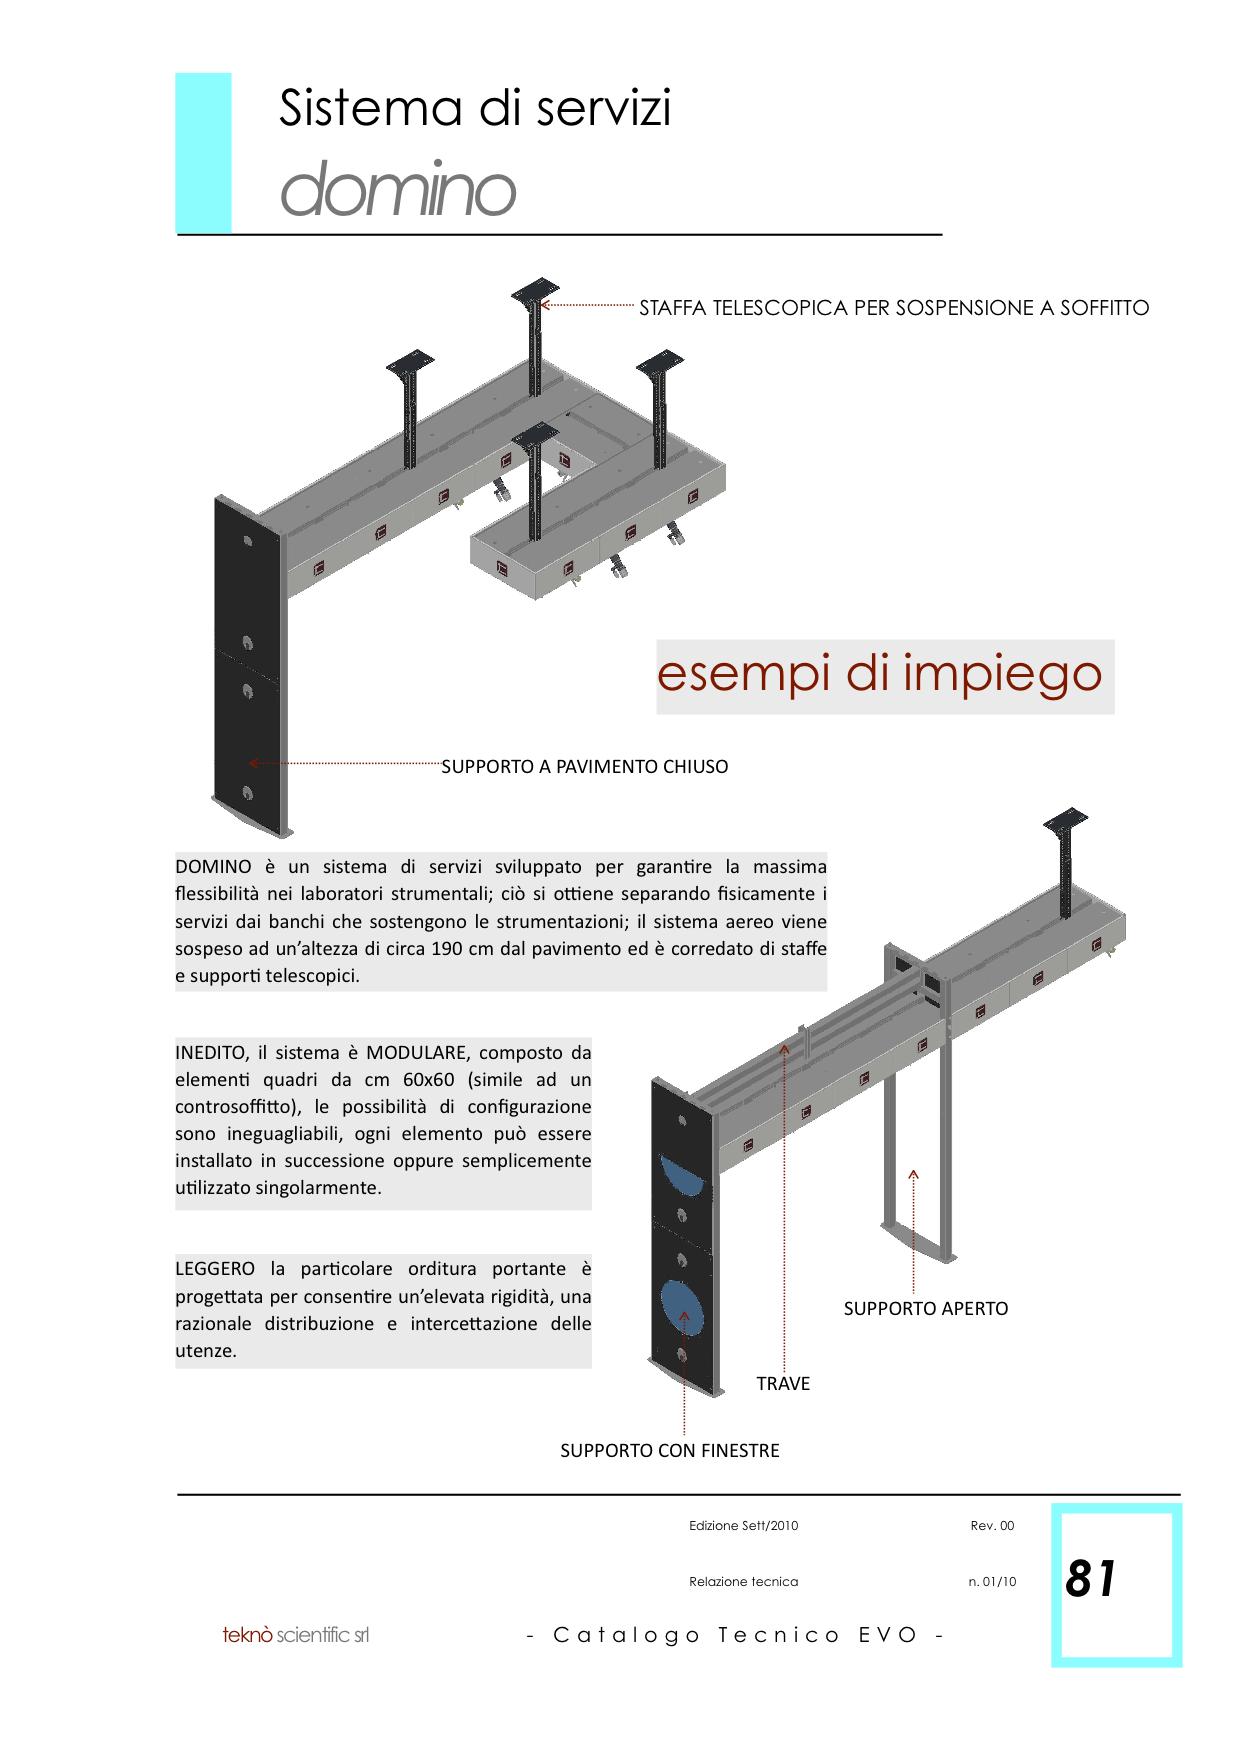 EVO Catalogo Tecnico Generale copia 81.png